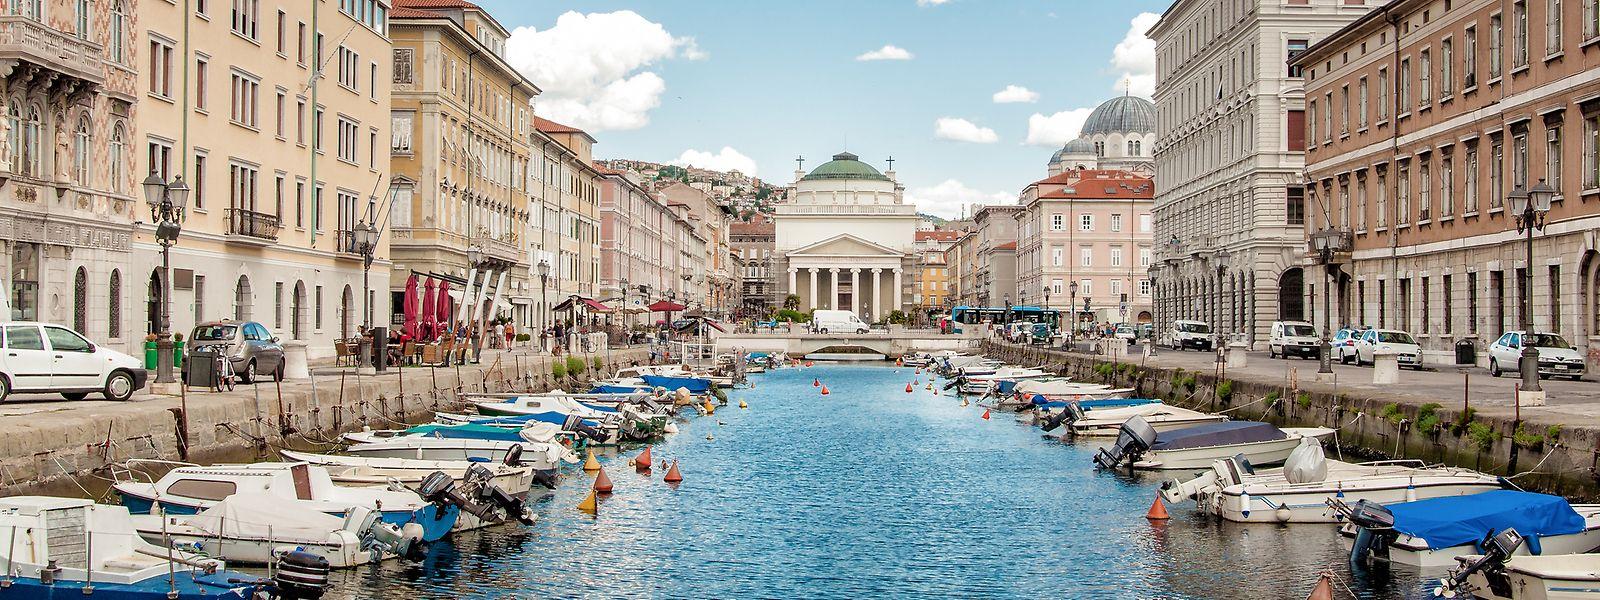 Nach dem Frühstück bietet sich ein Spaziergang am zentral gelegenen Kanal im Stadtzentrum an.